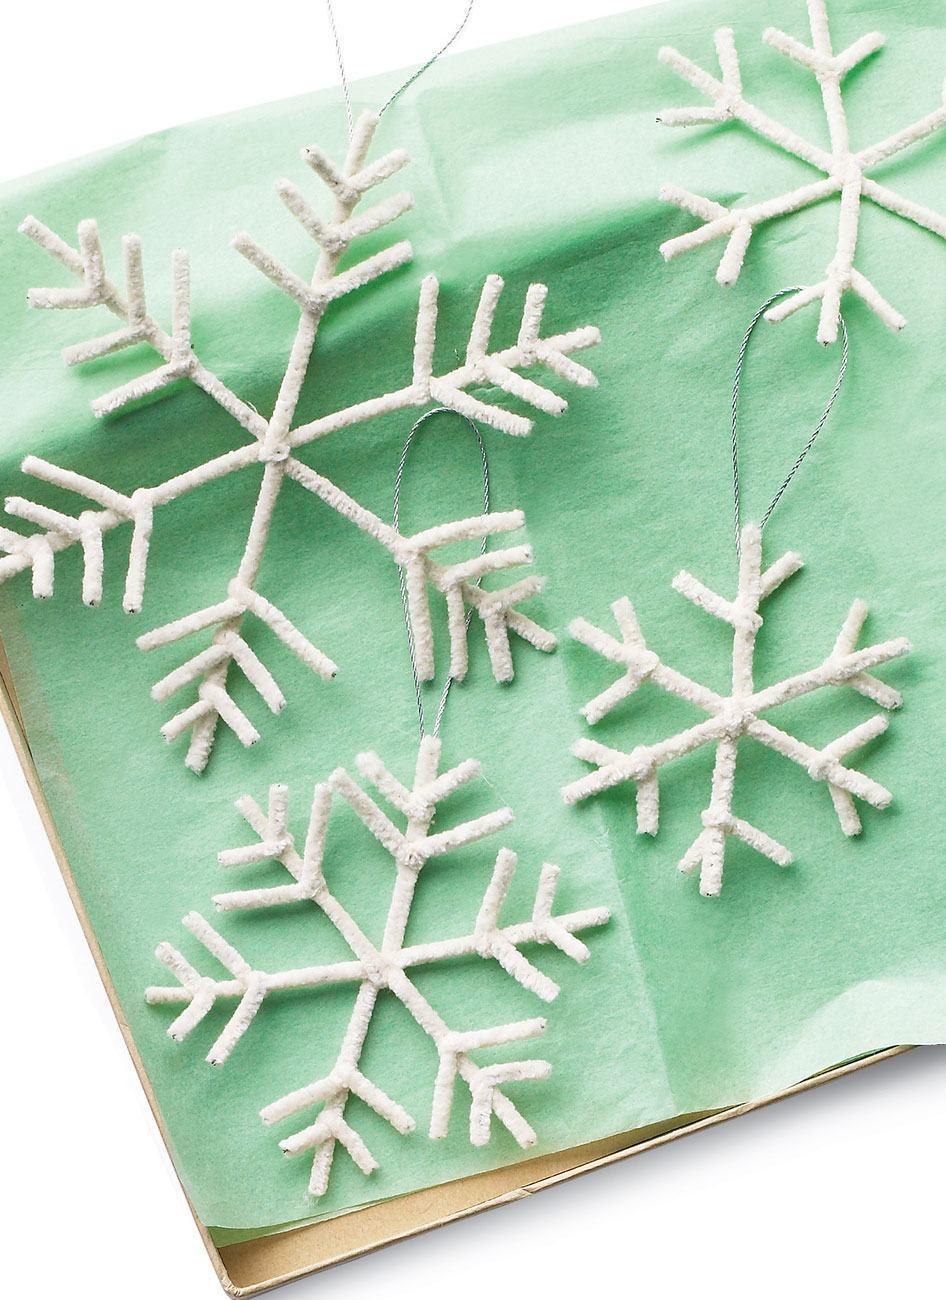 Decoração com flocos de neve feitos de tecido